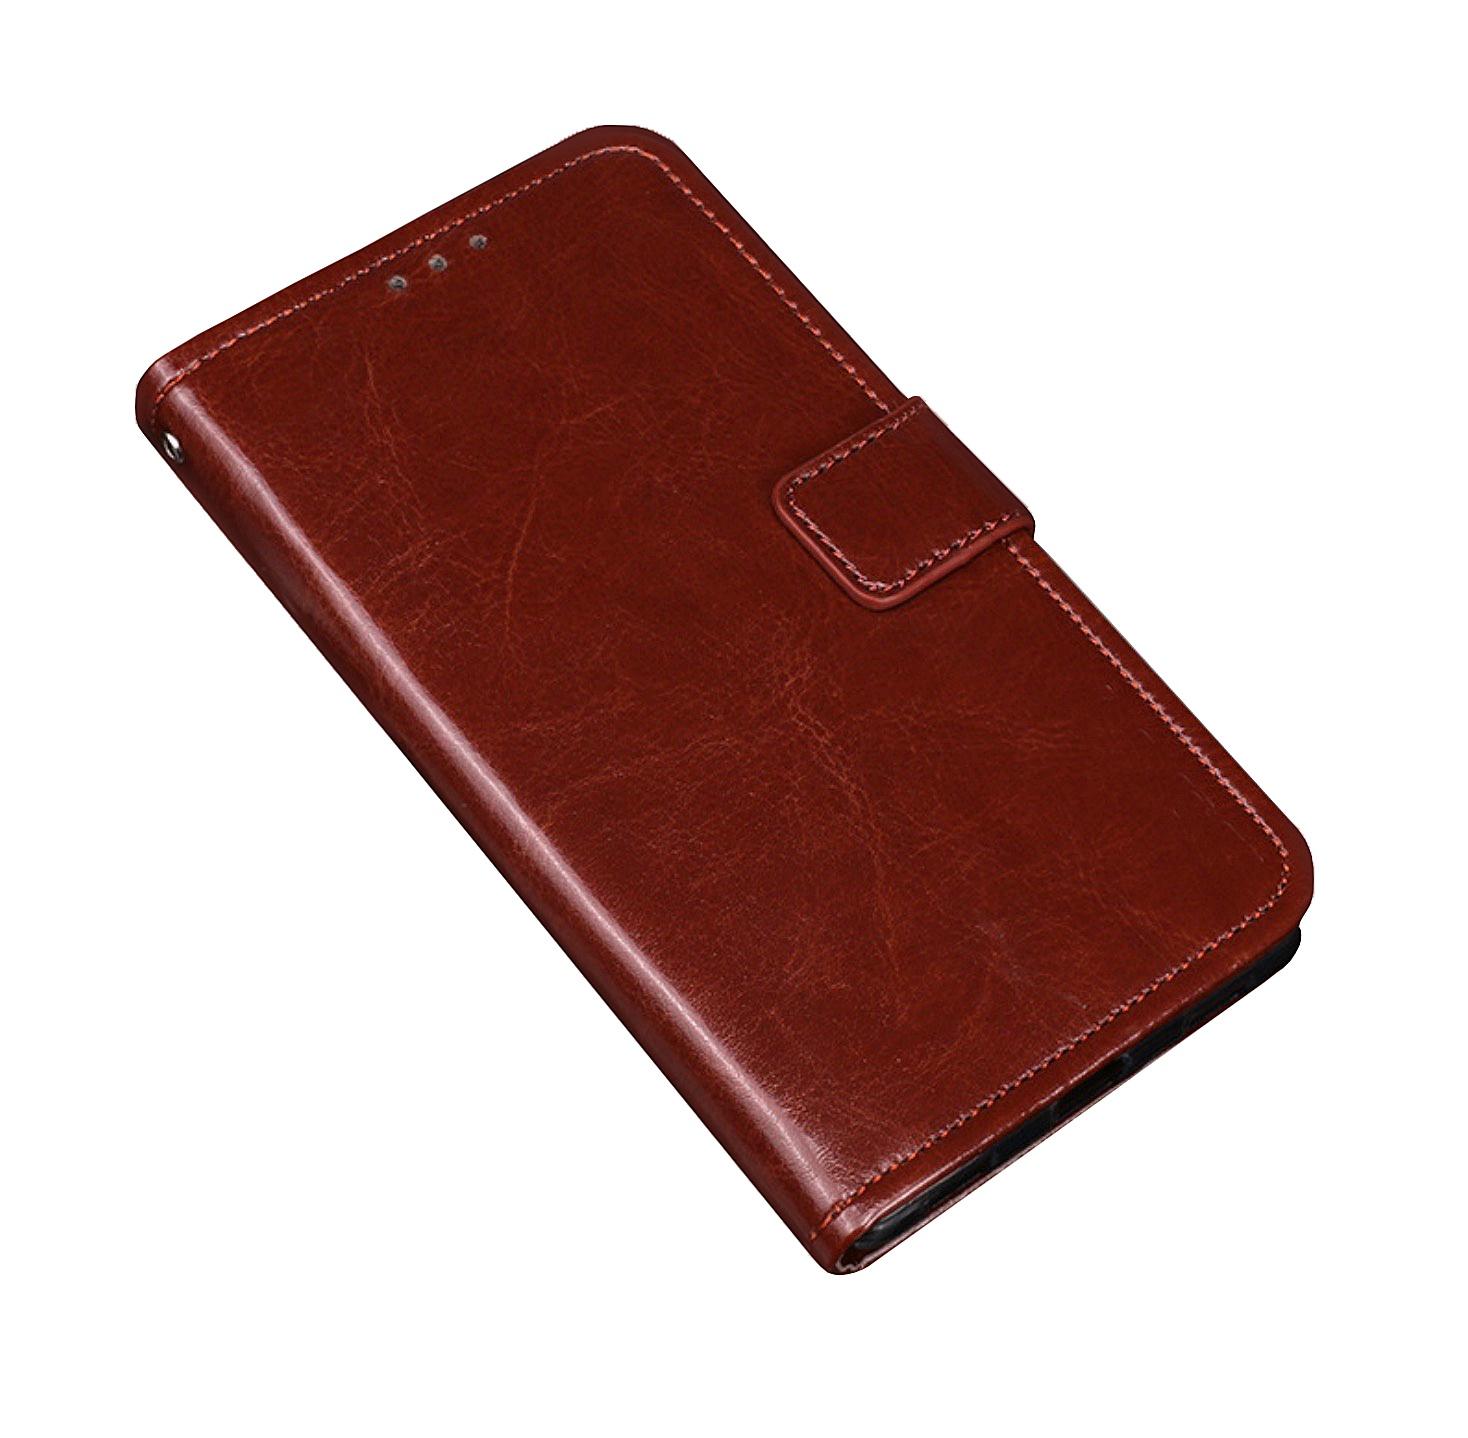 Чехол-книжка MyPads для ZTE Nubia Z17 mini 5.2 (NX569J/H)  с мульти-подставкой застёжкой и визитницей коричневый